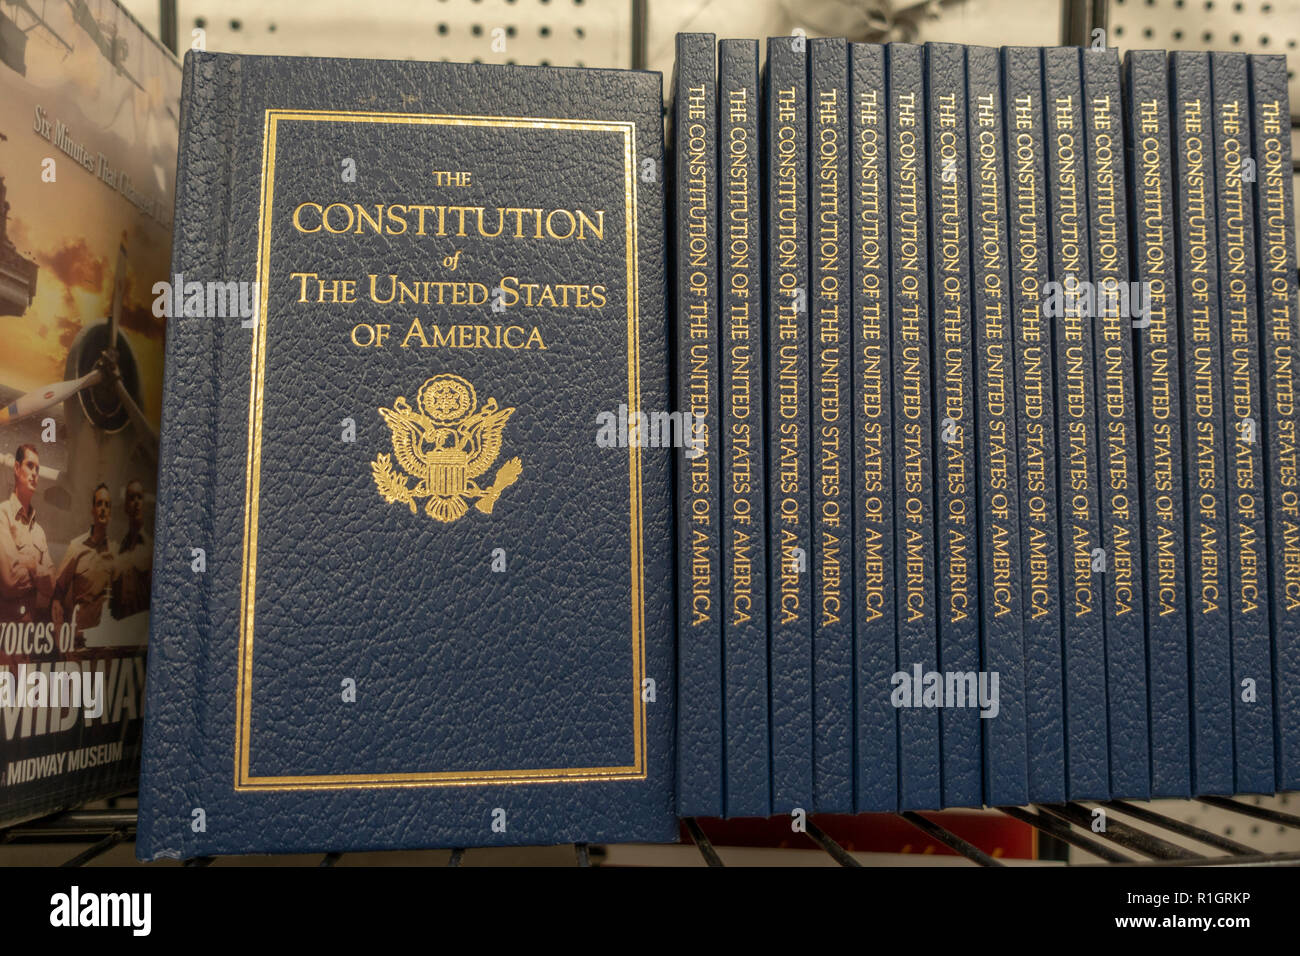 Plateau de la librairie avec une ligne de la Constitution des États-Unis d'Amérique. Photo Stock